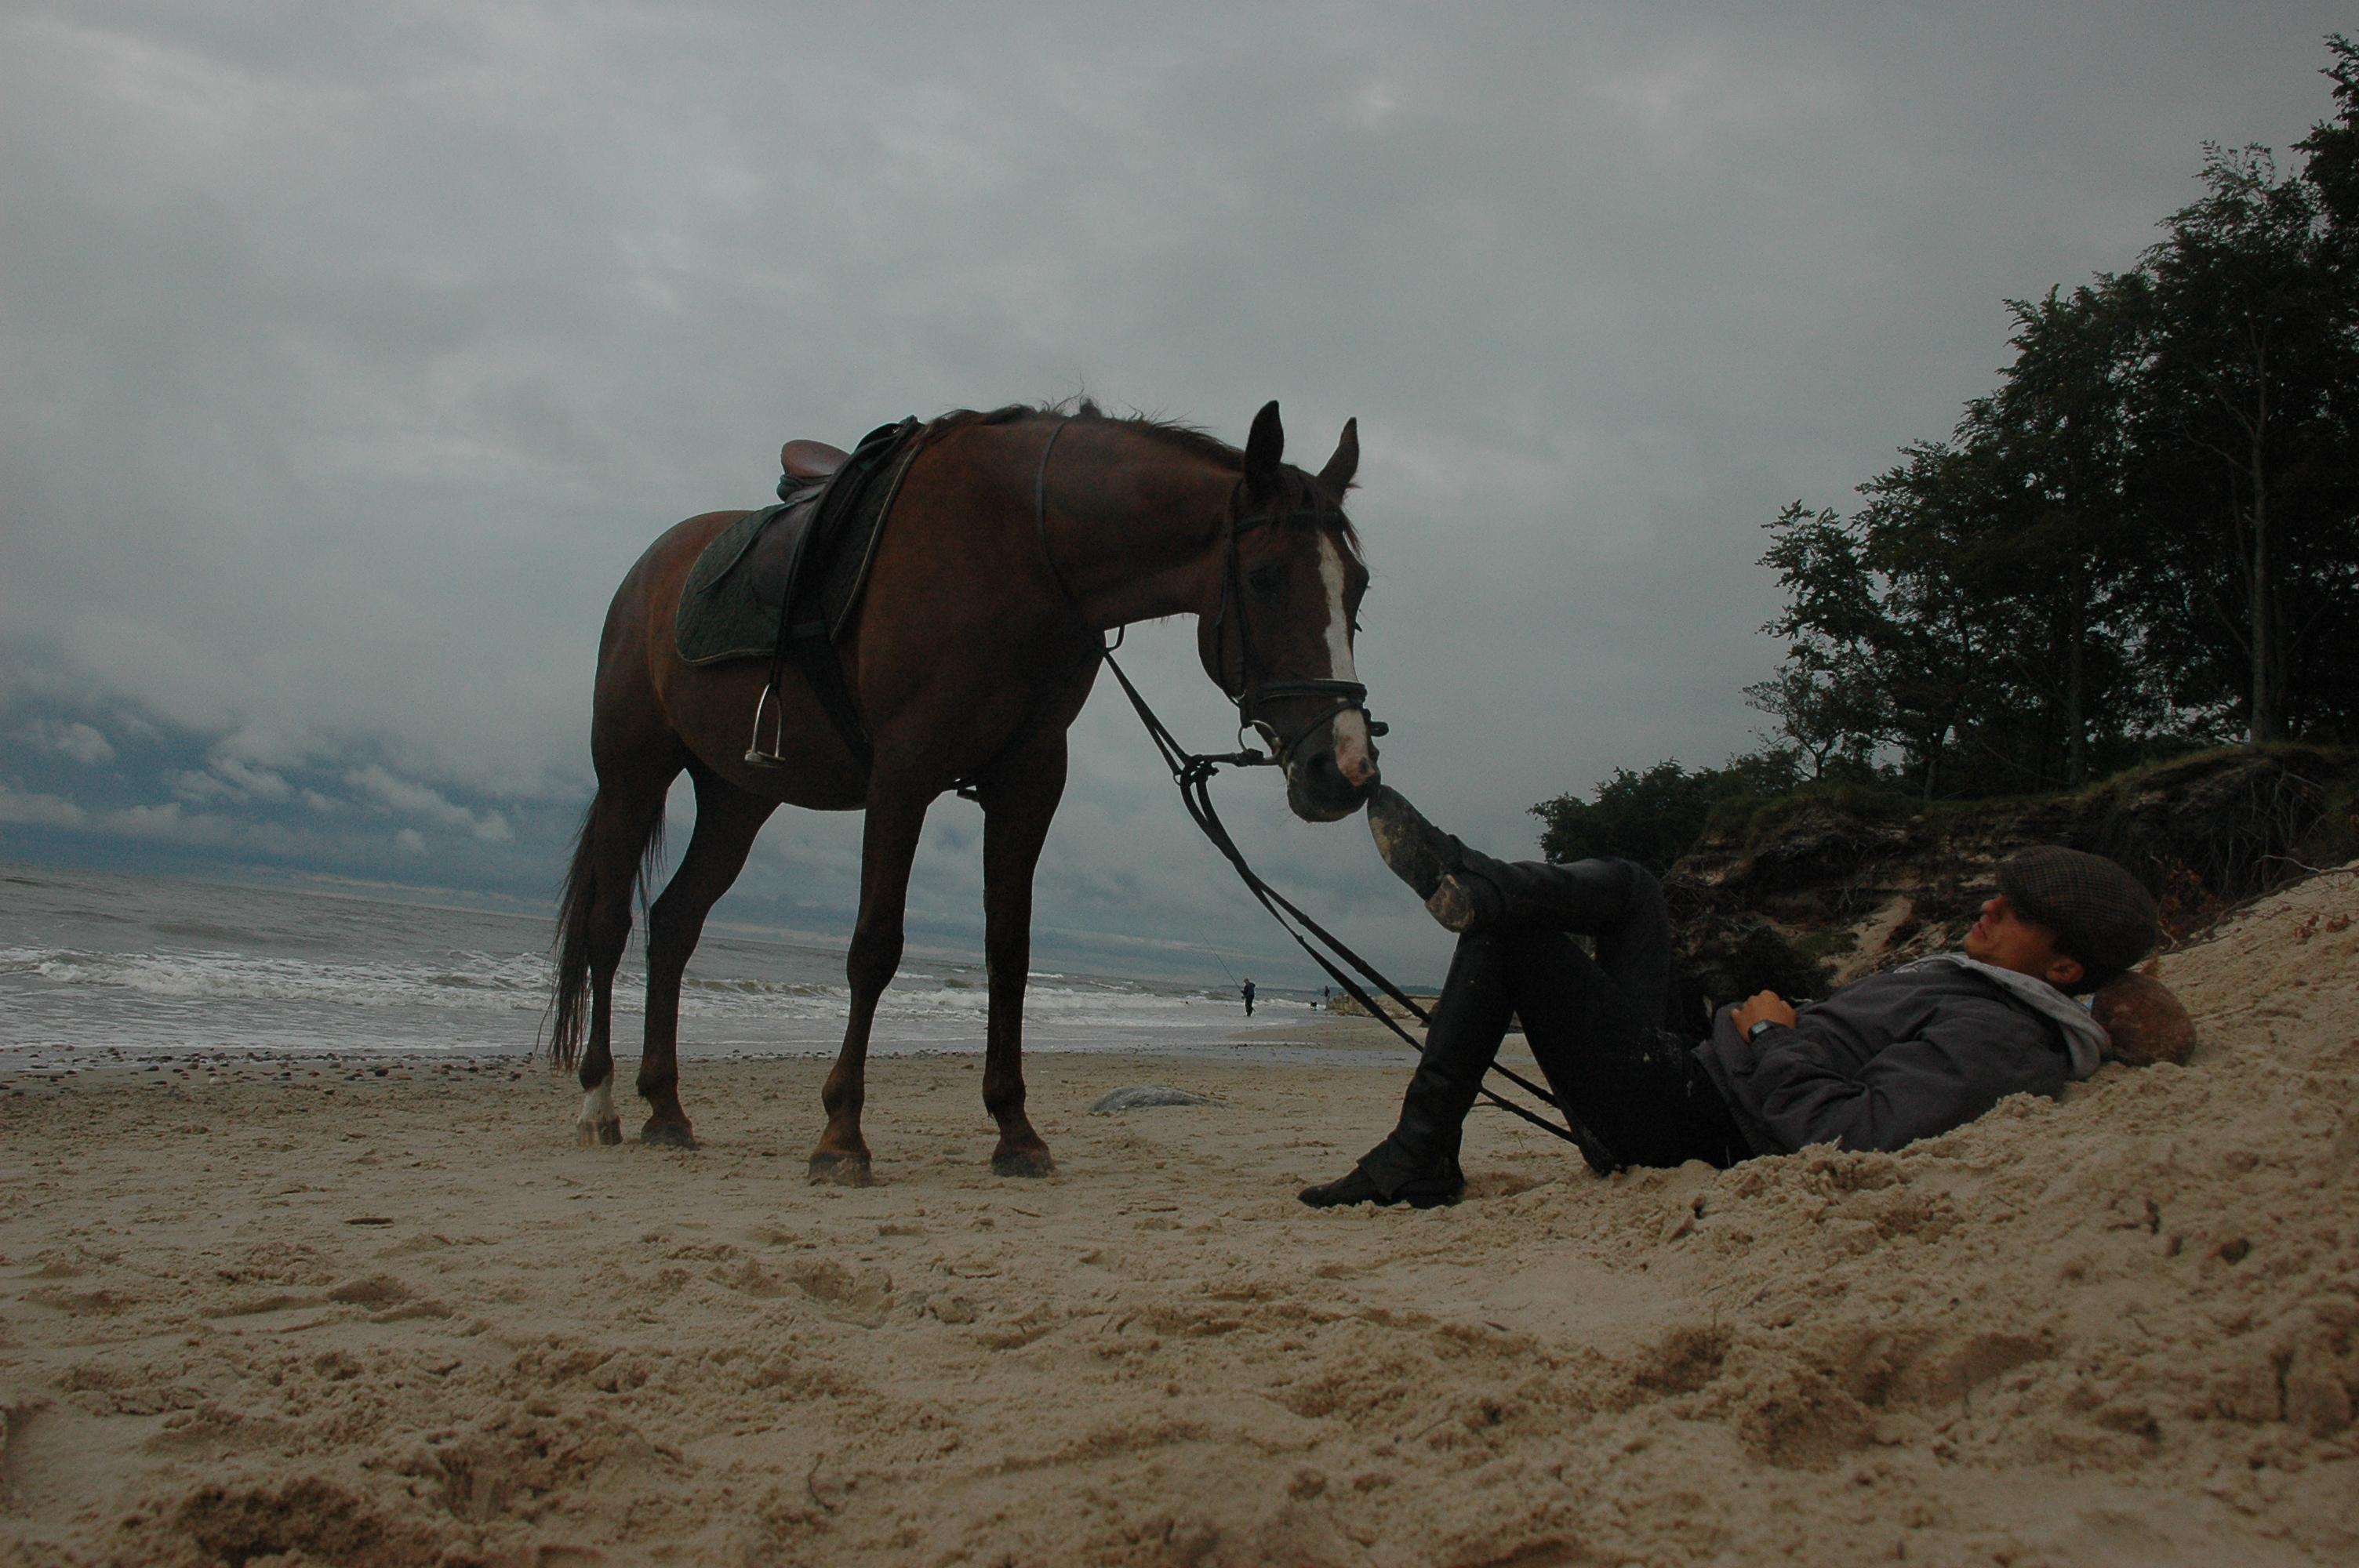 bfe5d2d52890b Podstawowa jazda konna to prowadzenie konia na trzech pomocach: